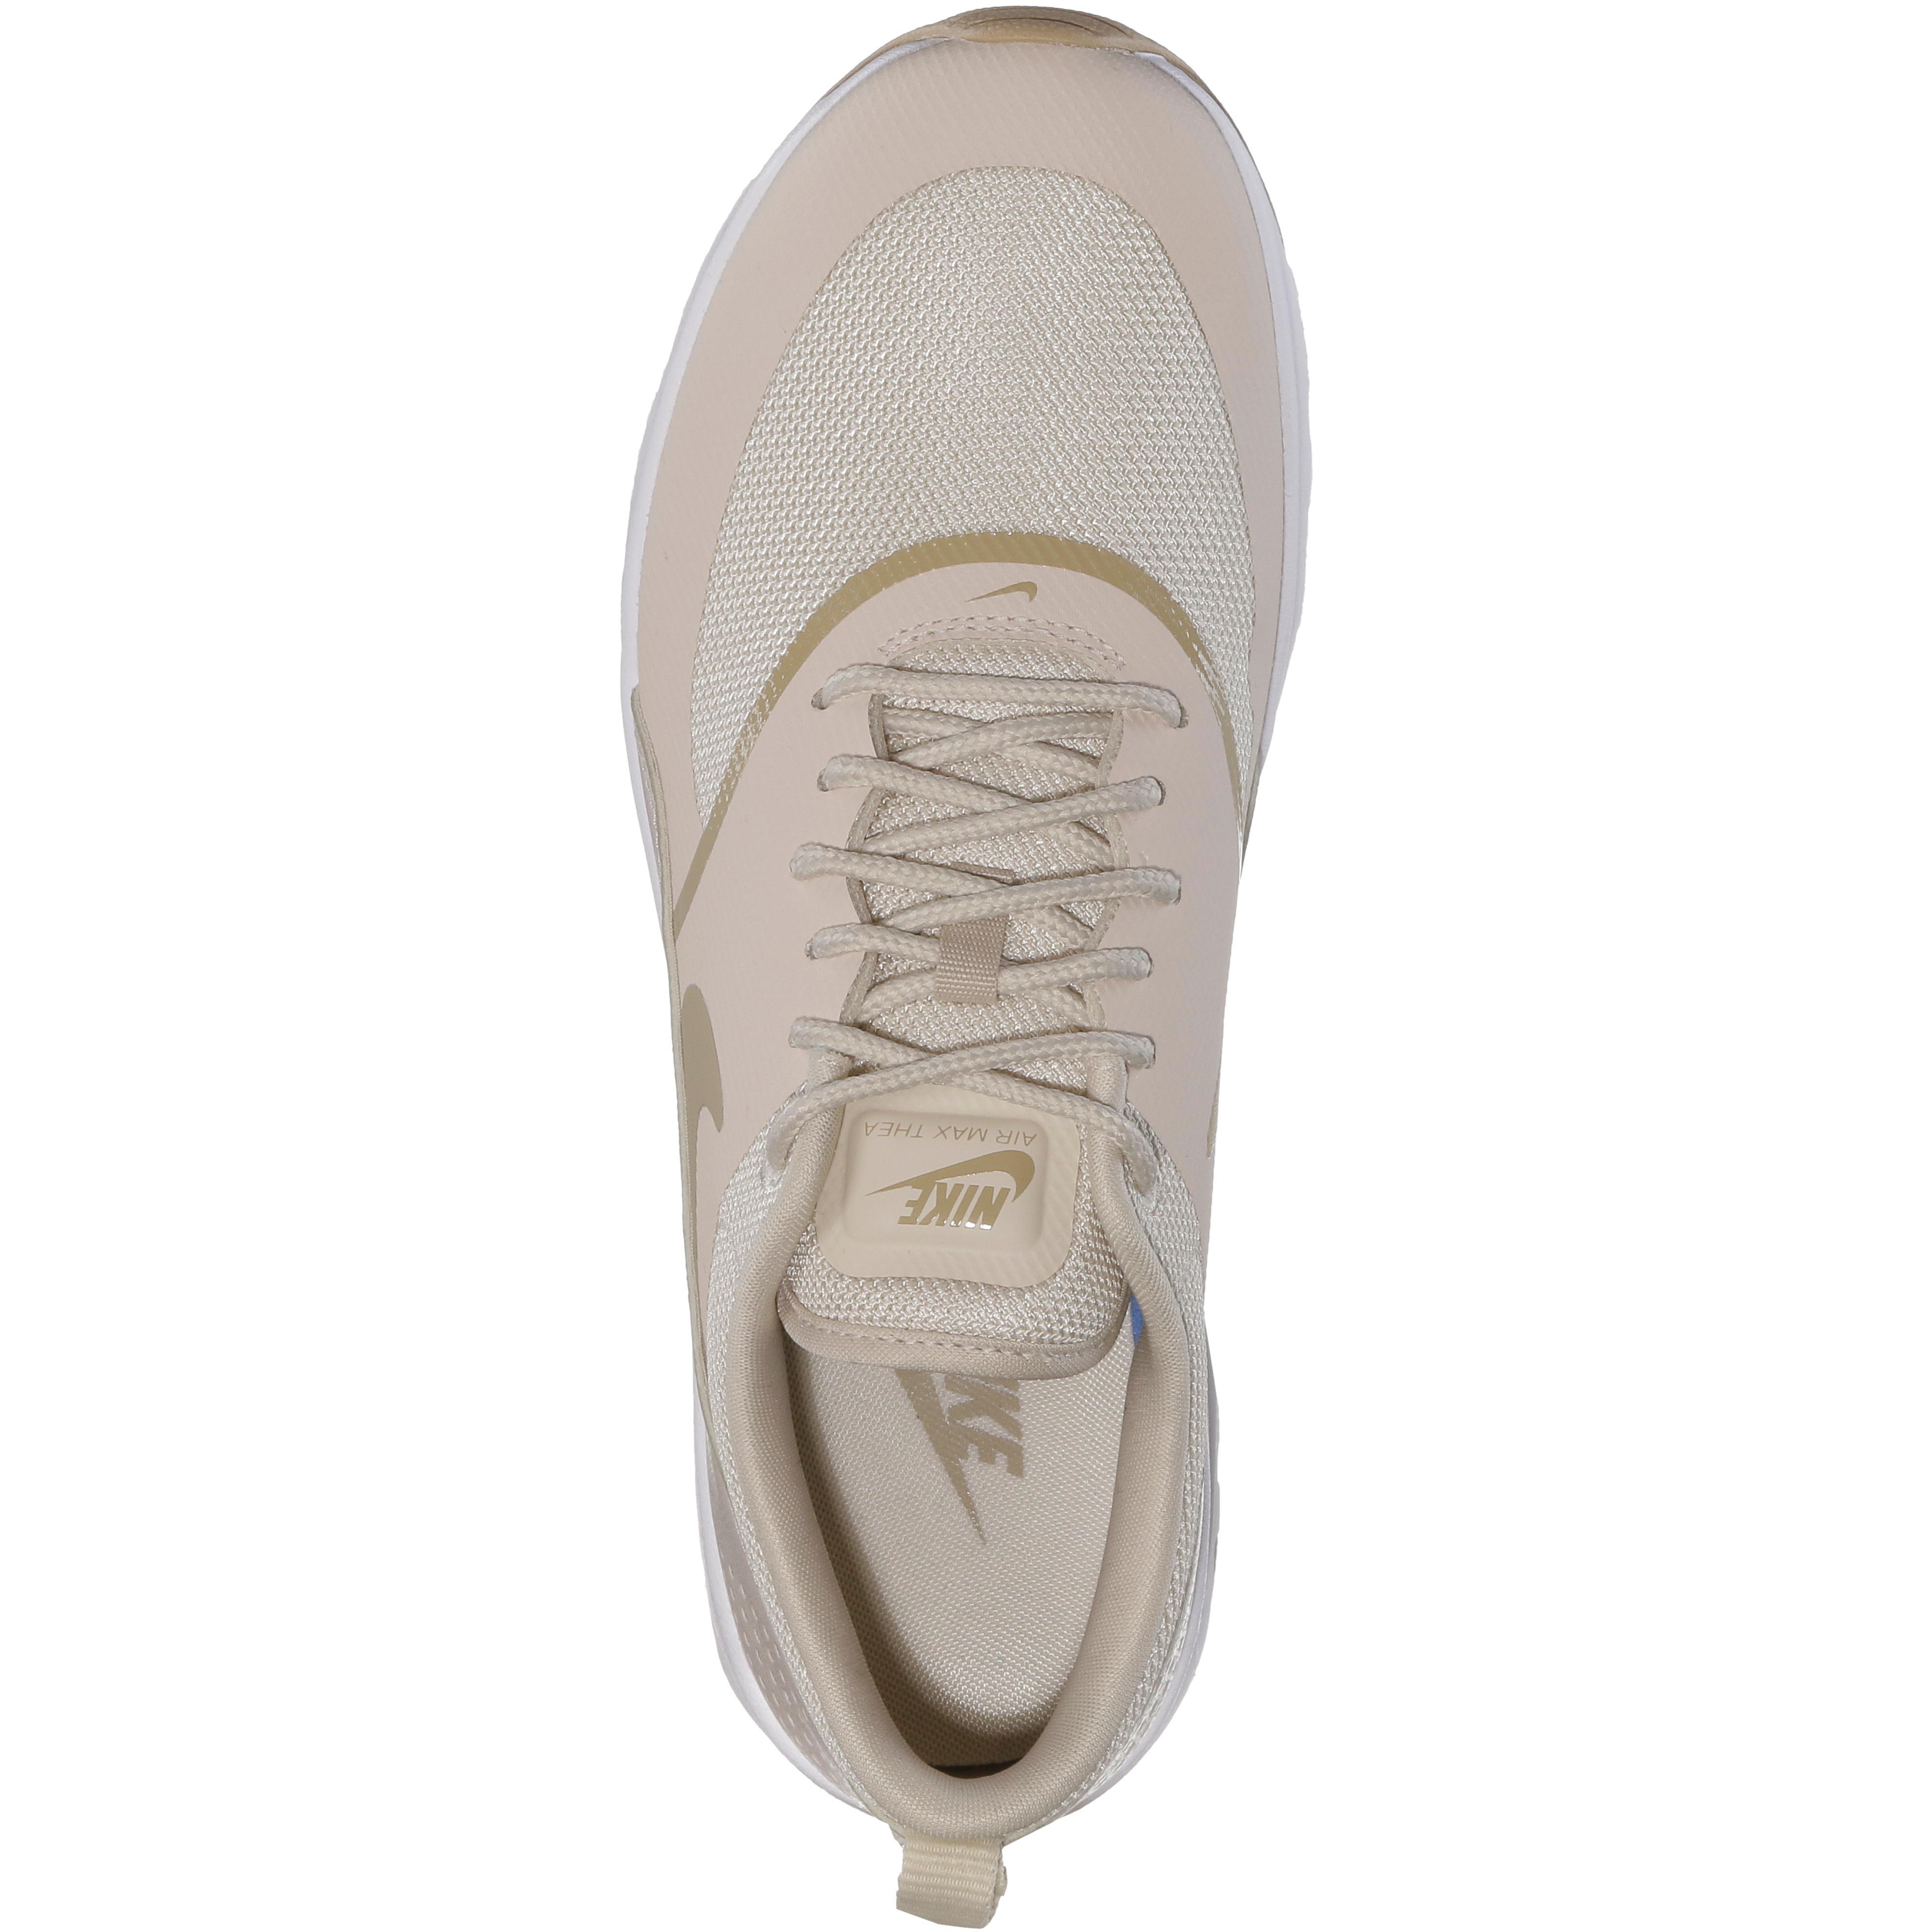 Nike AIR MAX THEA Turnschuhe Damen schwarz-Weiß im Shop Online Shop im von SportScheck kaufen Gute Qualität beliebte Schuhe 2f9f76